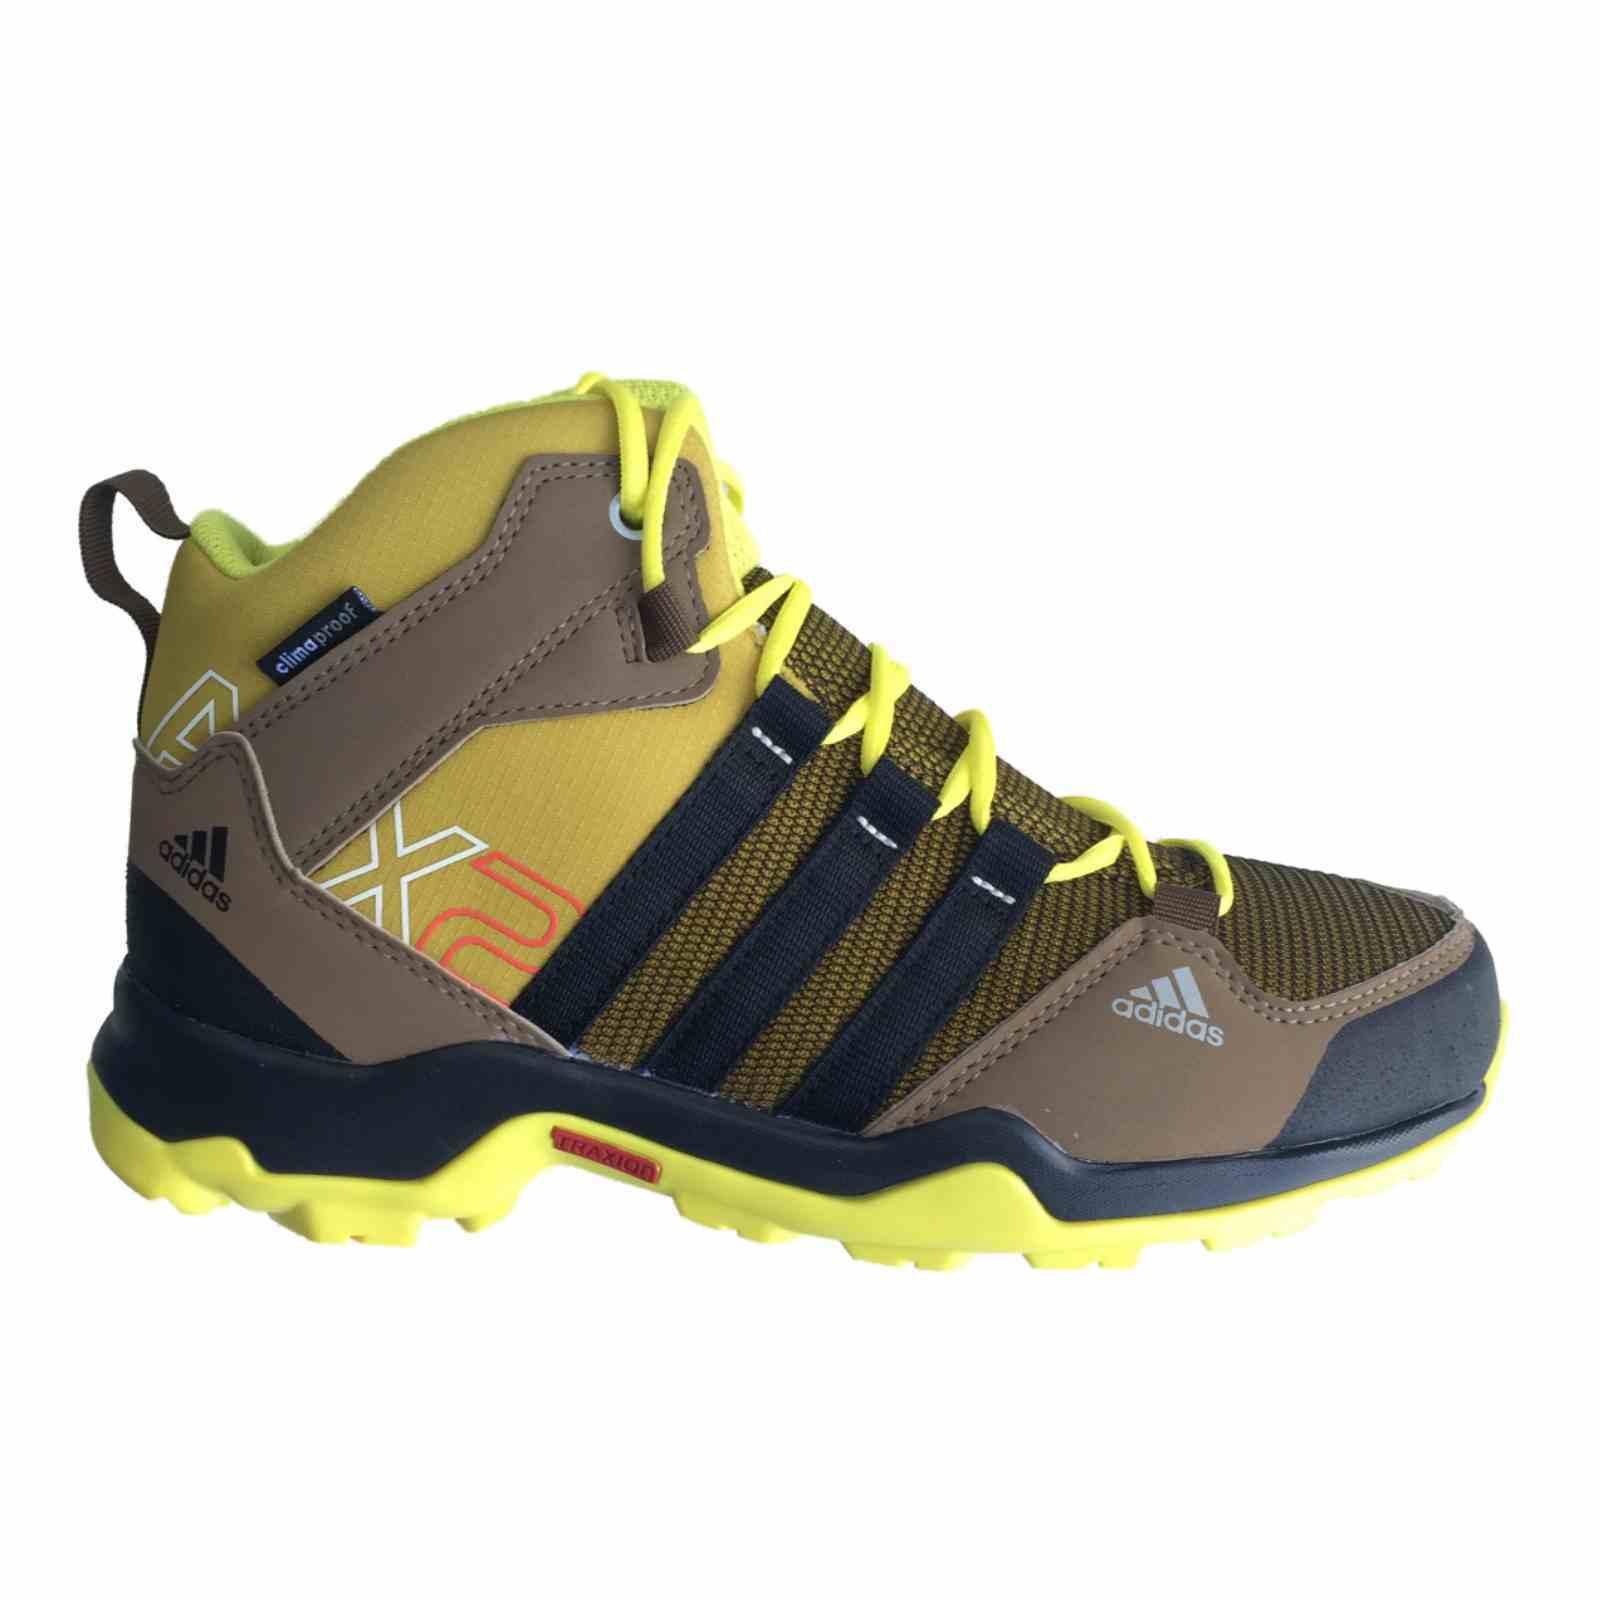 Adidas Trekking Wanderschuhe Outdoor Schuhe wasserdicht AX2 MID CP B22842 Kinder